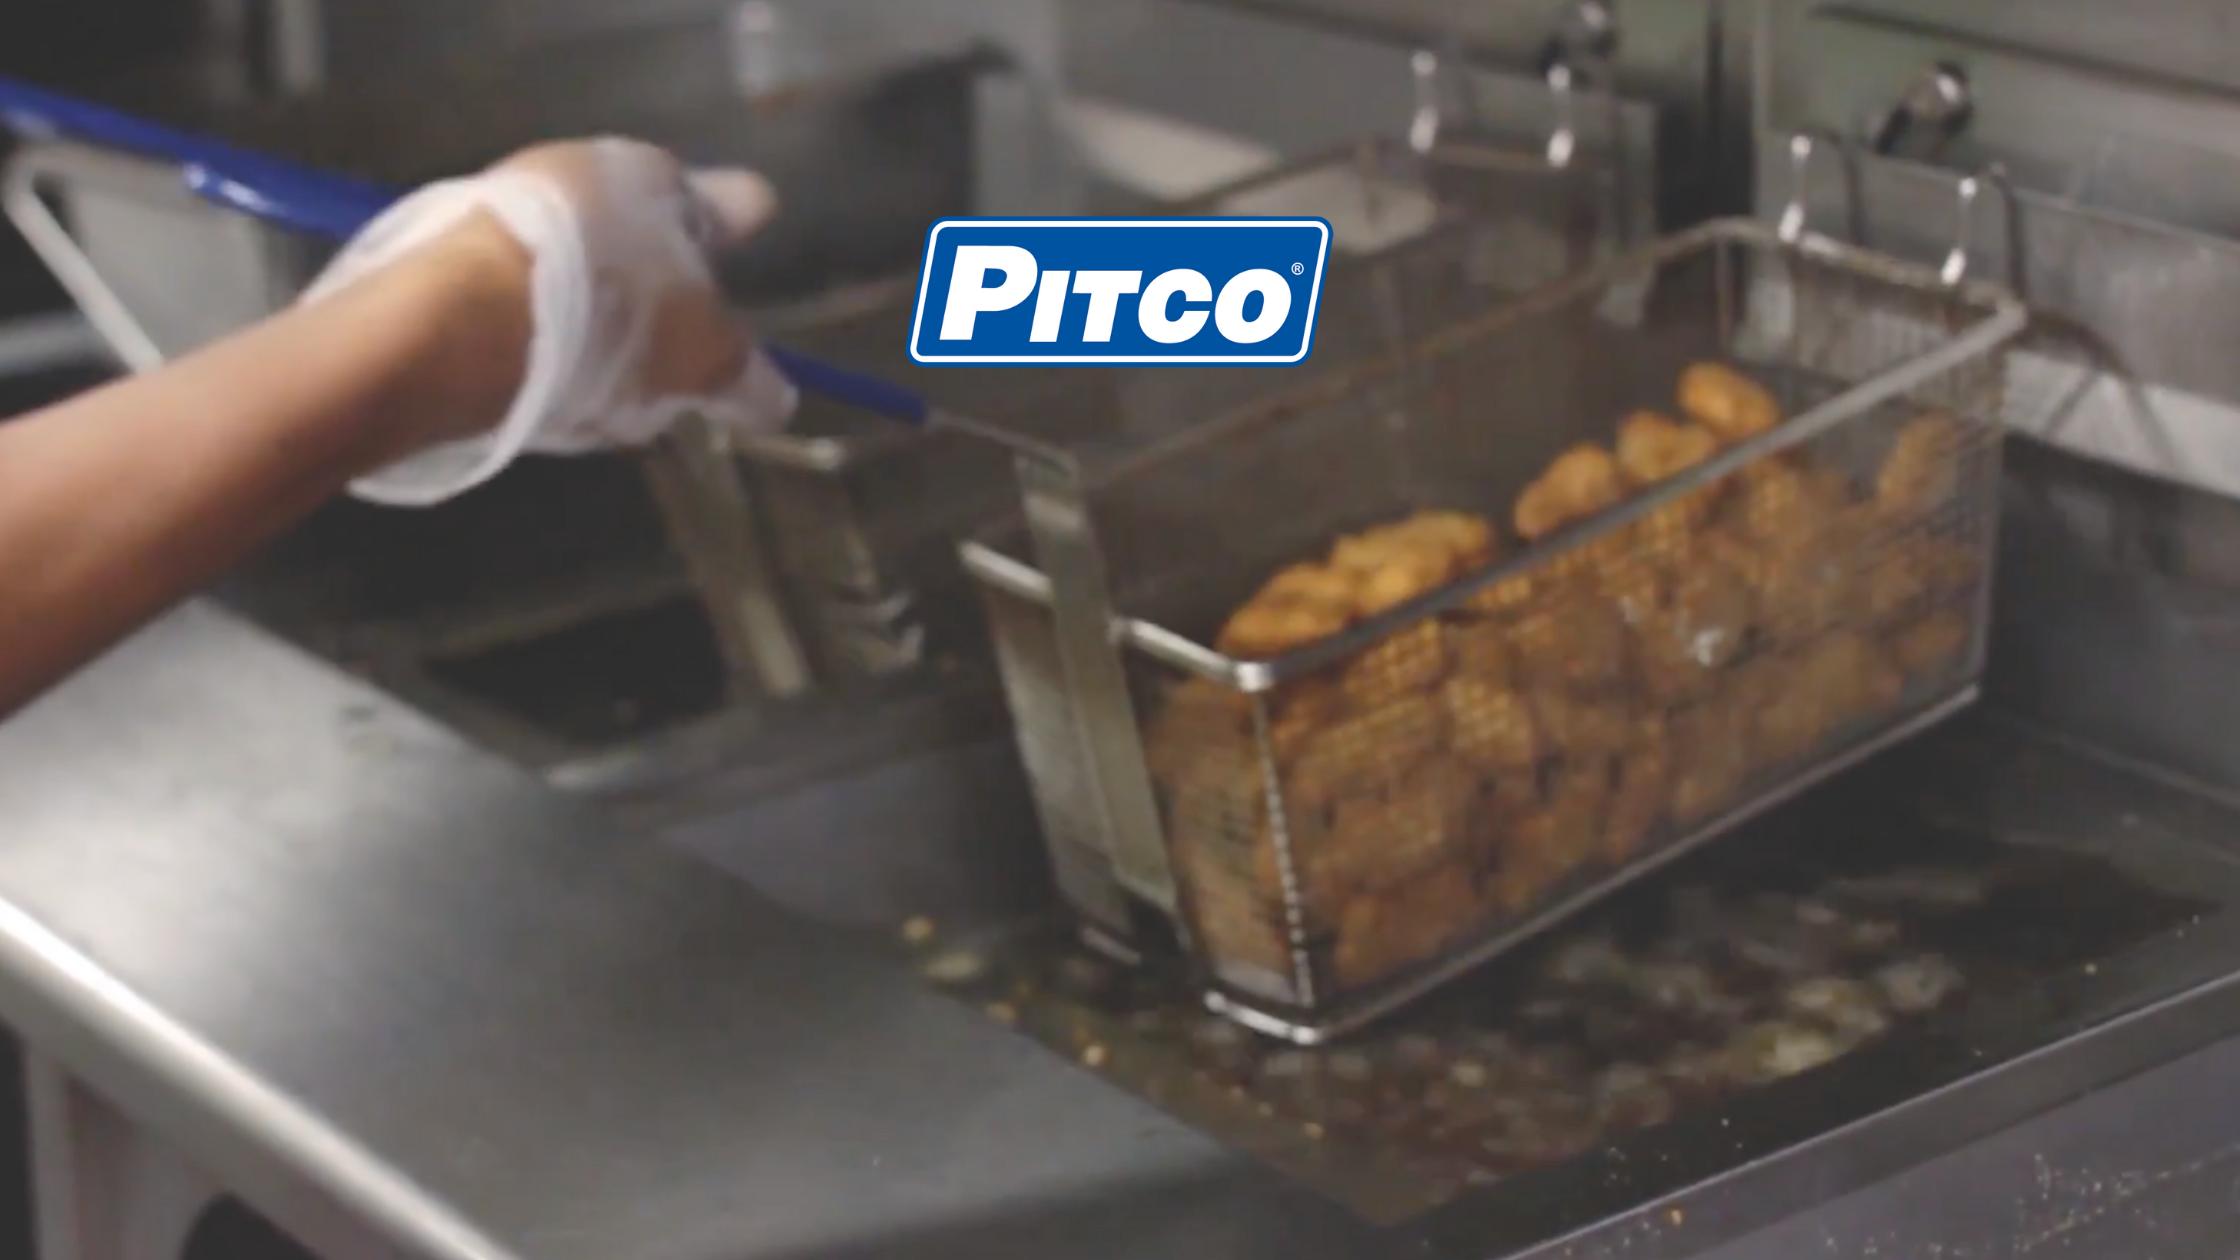 Pitco Solstice Fryer